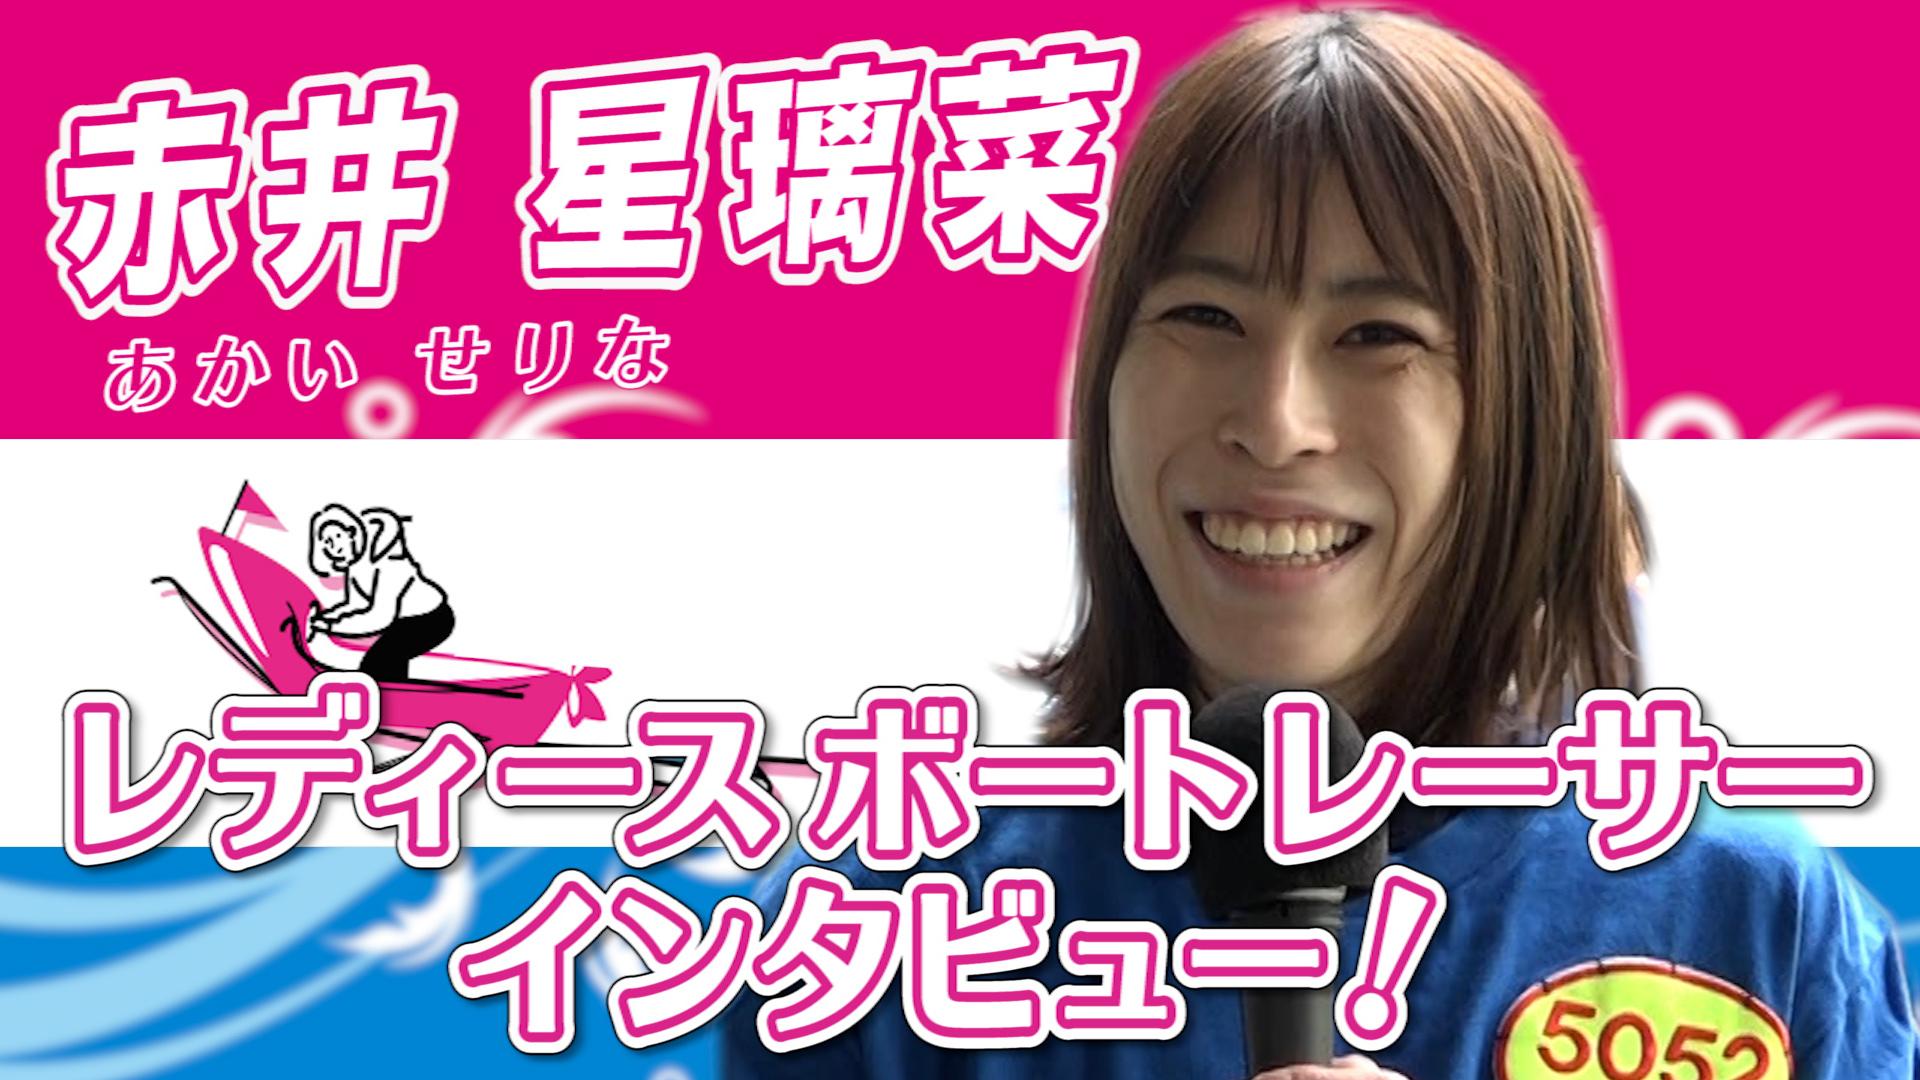 漫画を見てレーサーを志した赤井星璃菜選手!1着を取るため貪欲に突き進む!|ボートレース